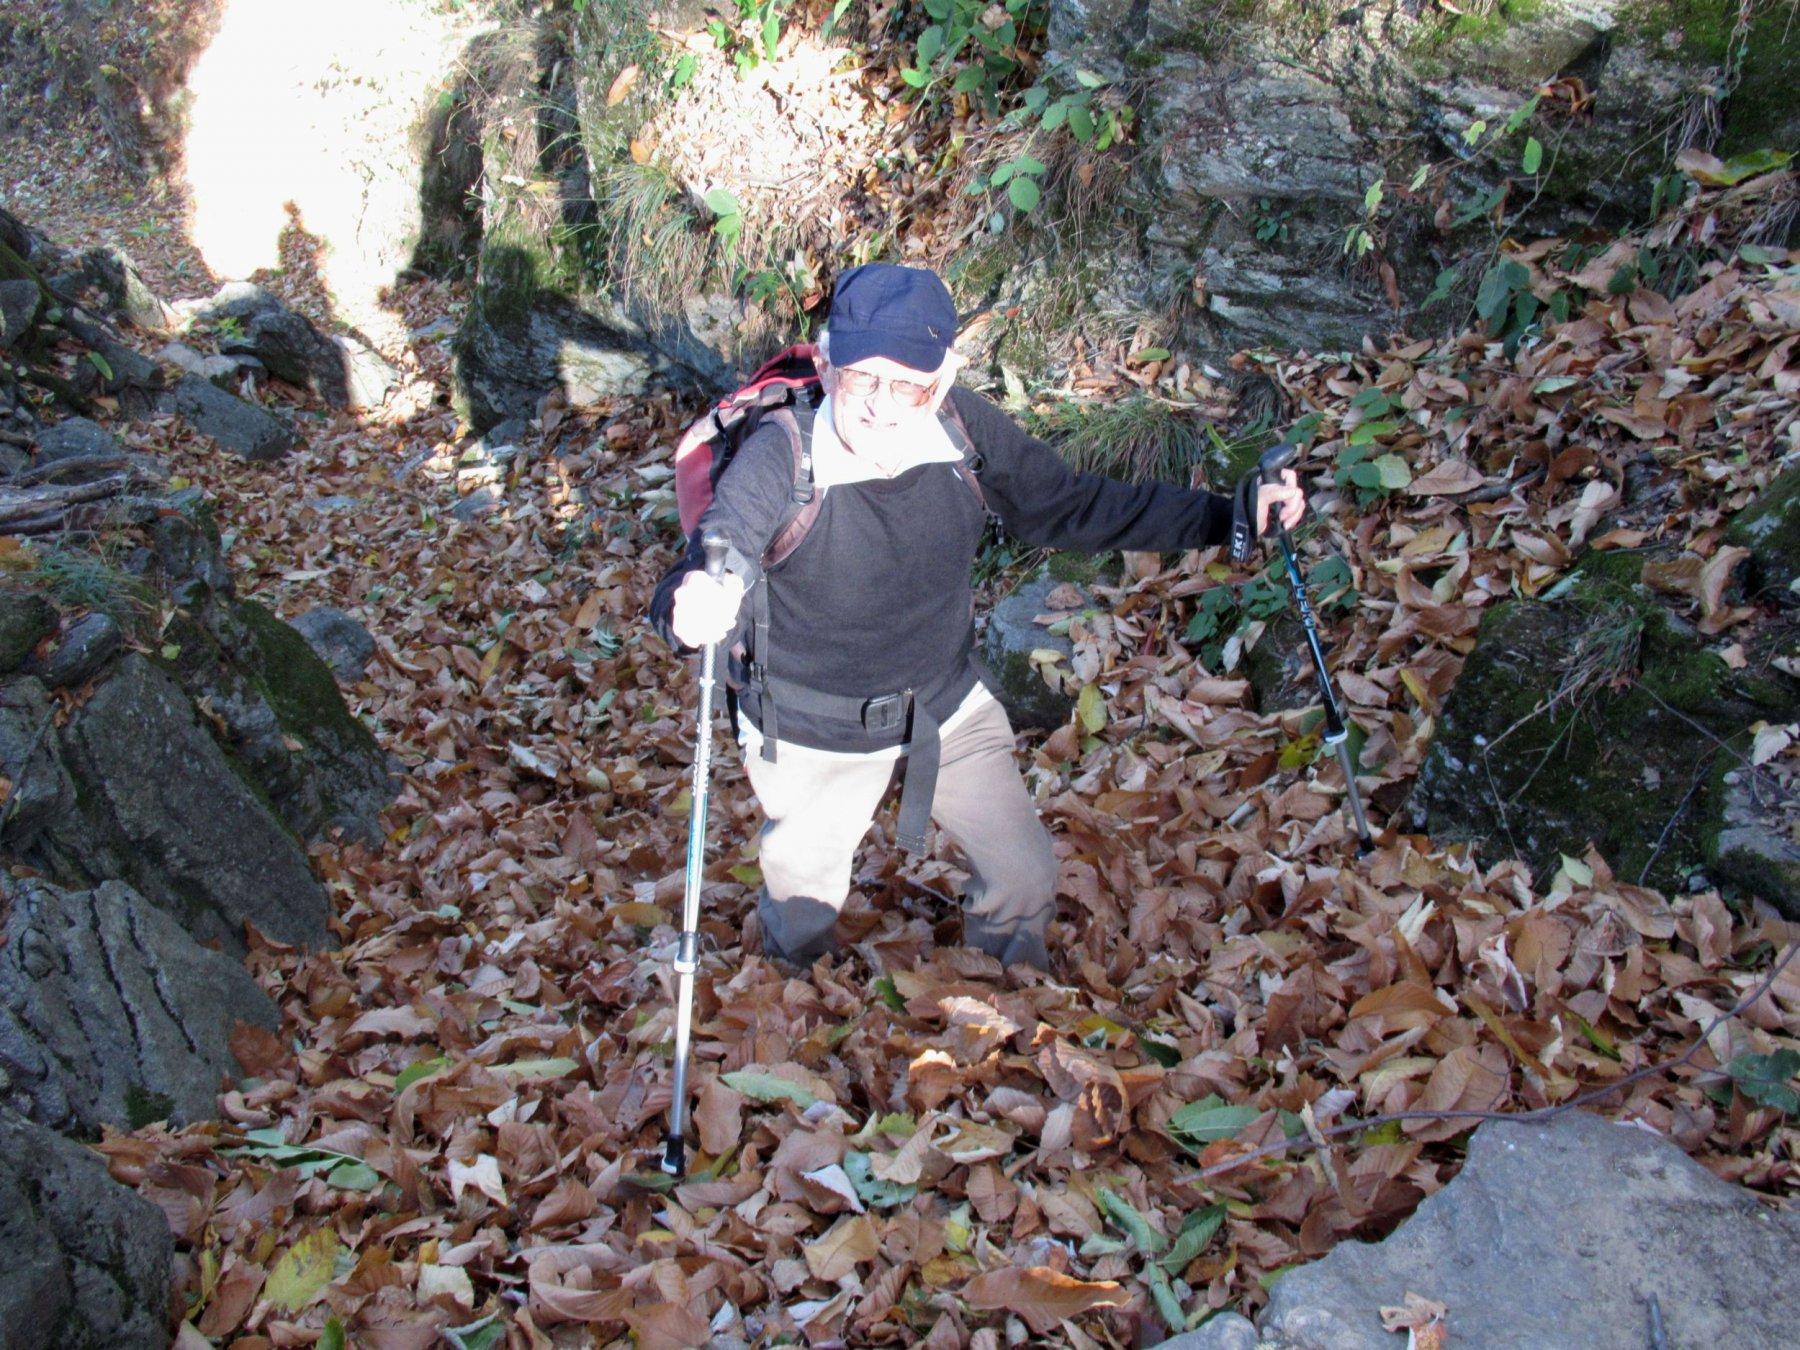 un po' di foglie sul sentiero ....